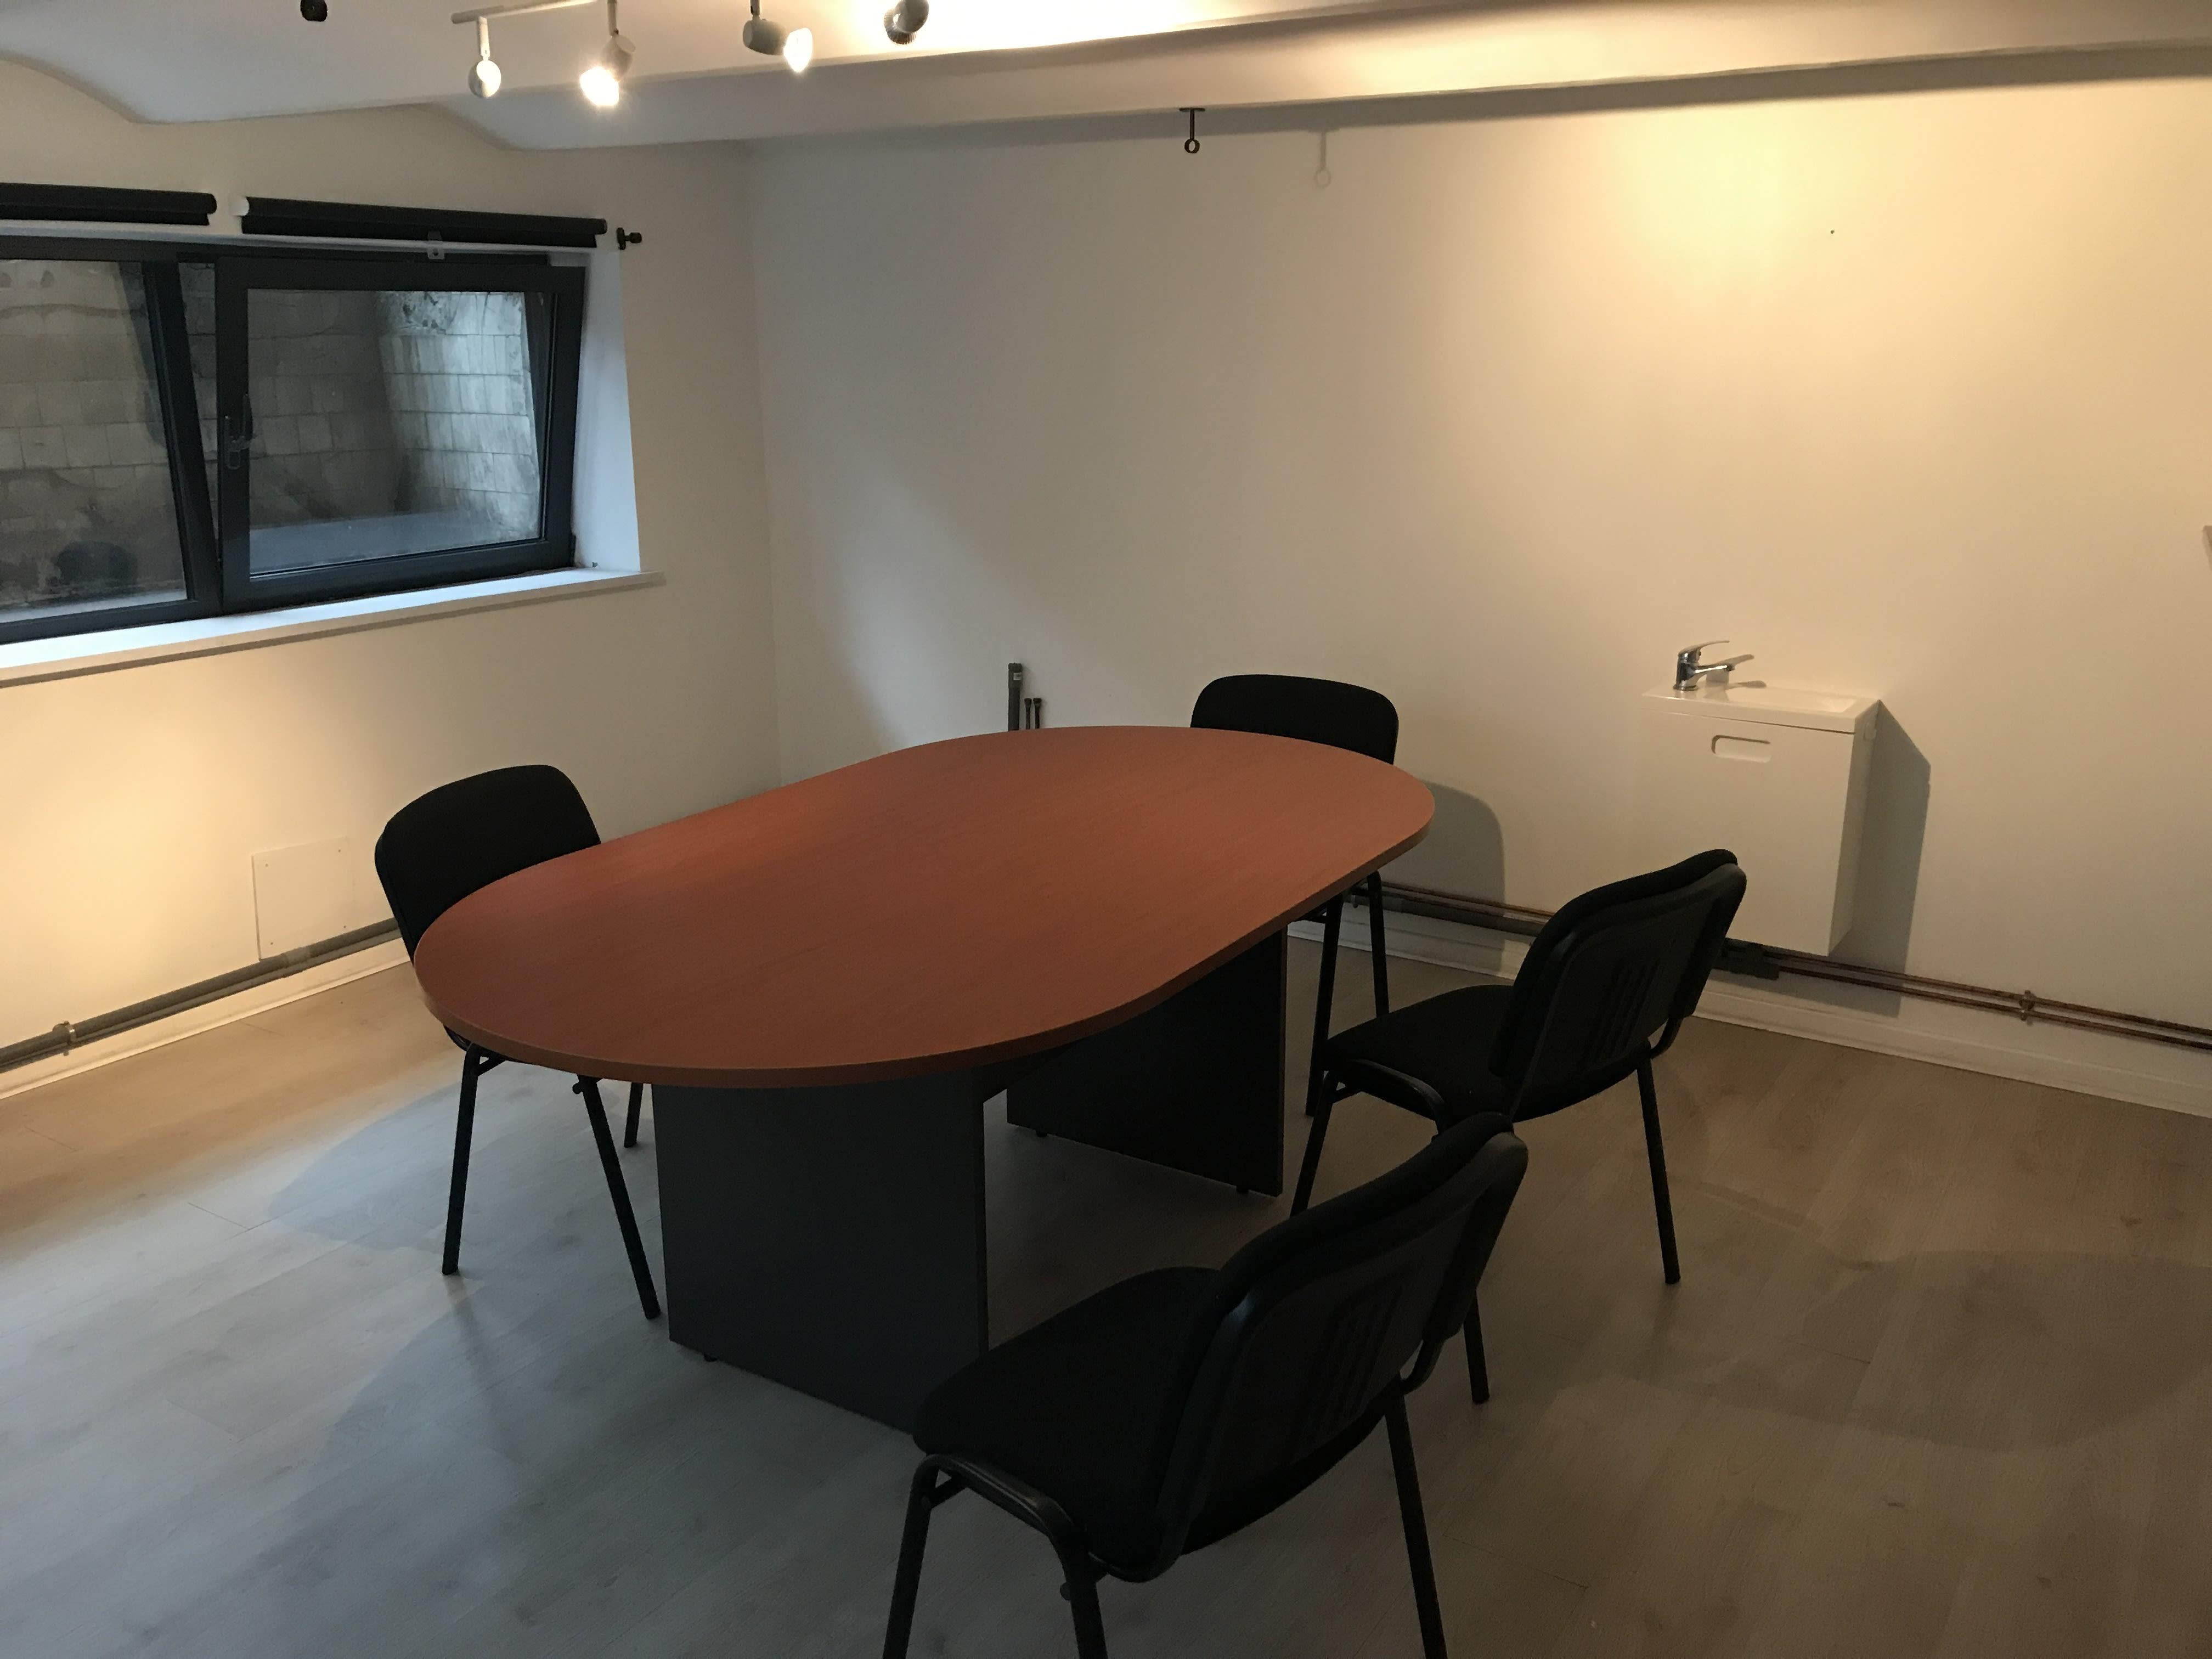 salle de réunion pour 6 personnes à Roubaix